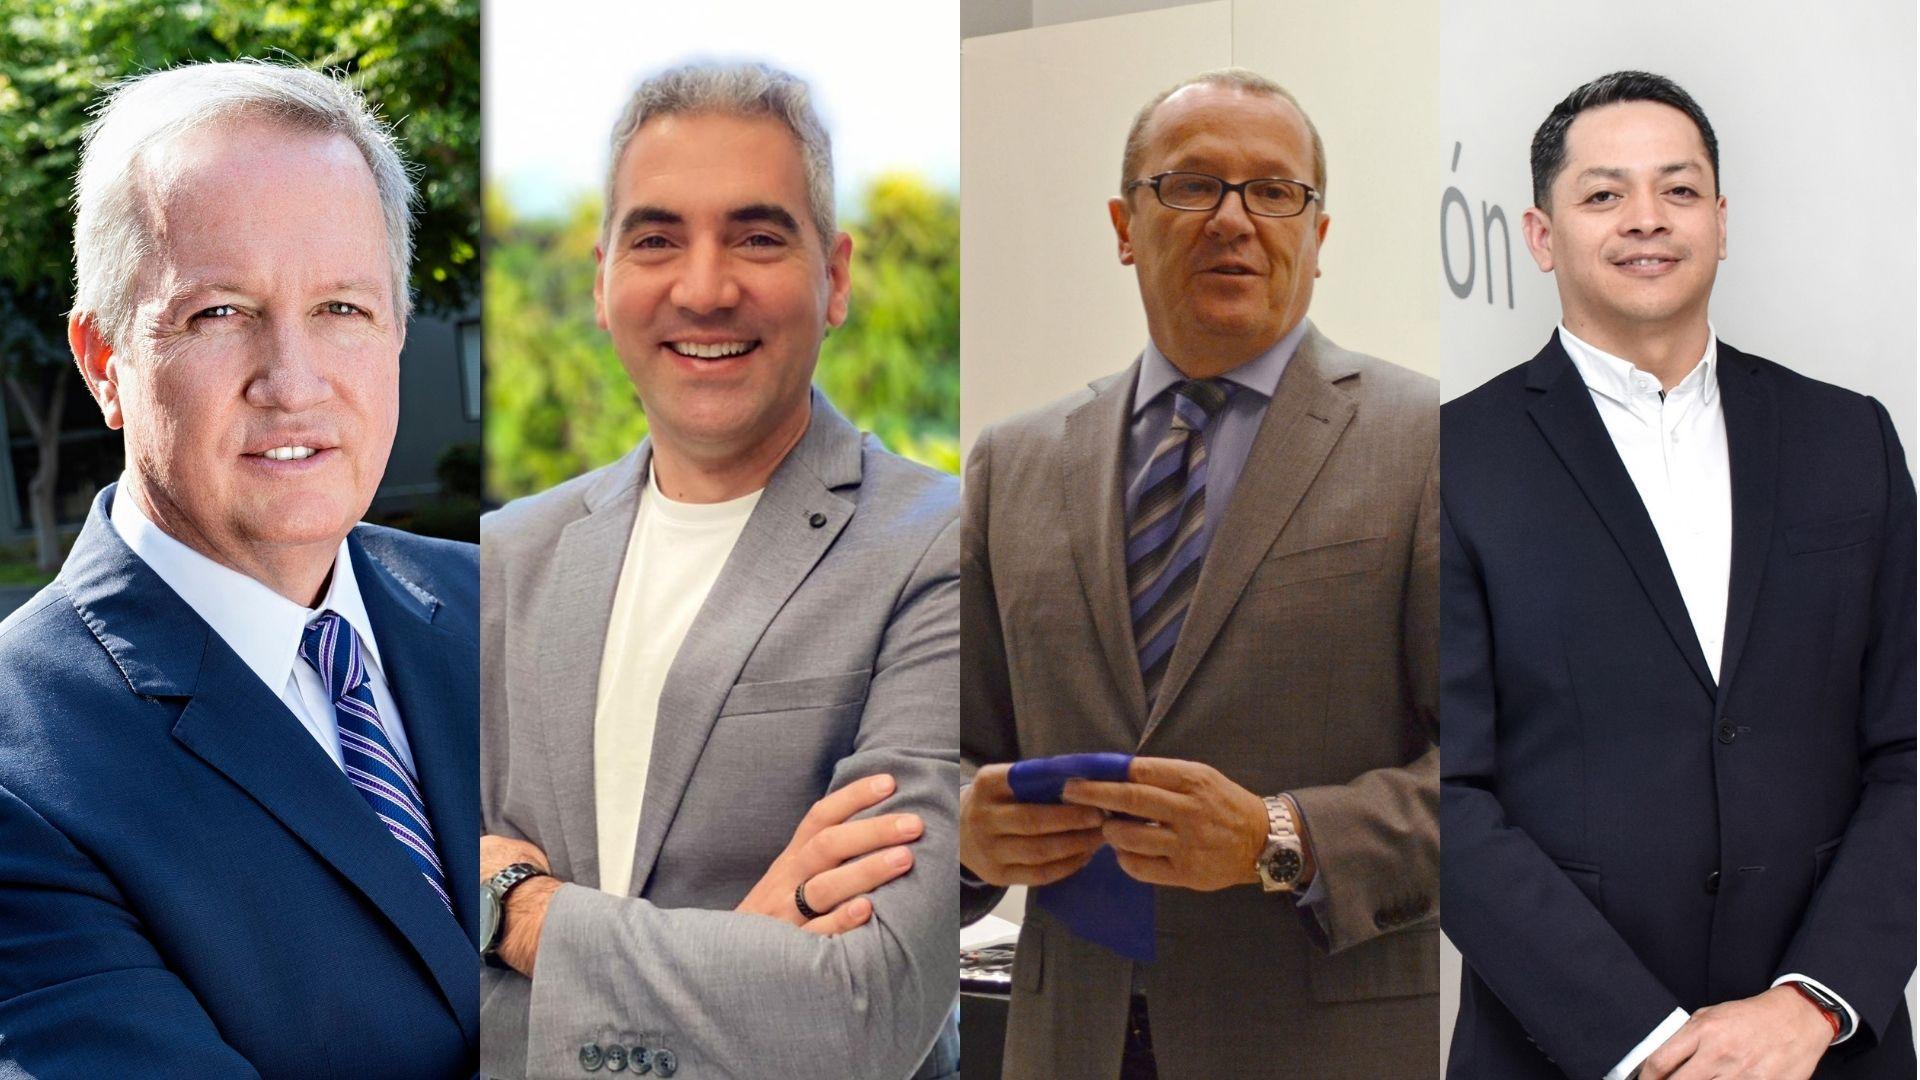 <p>El nuevo CEO de la UPC y otras movidas empresariales</p>